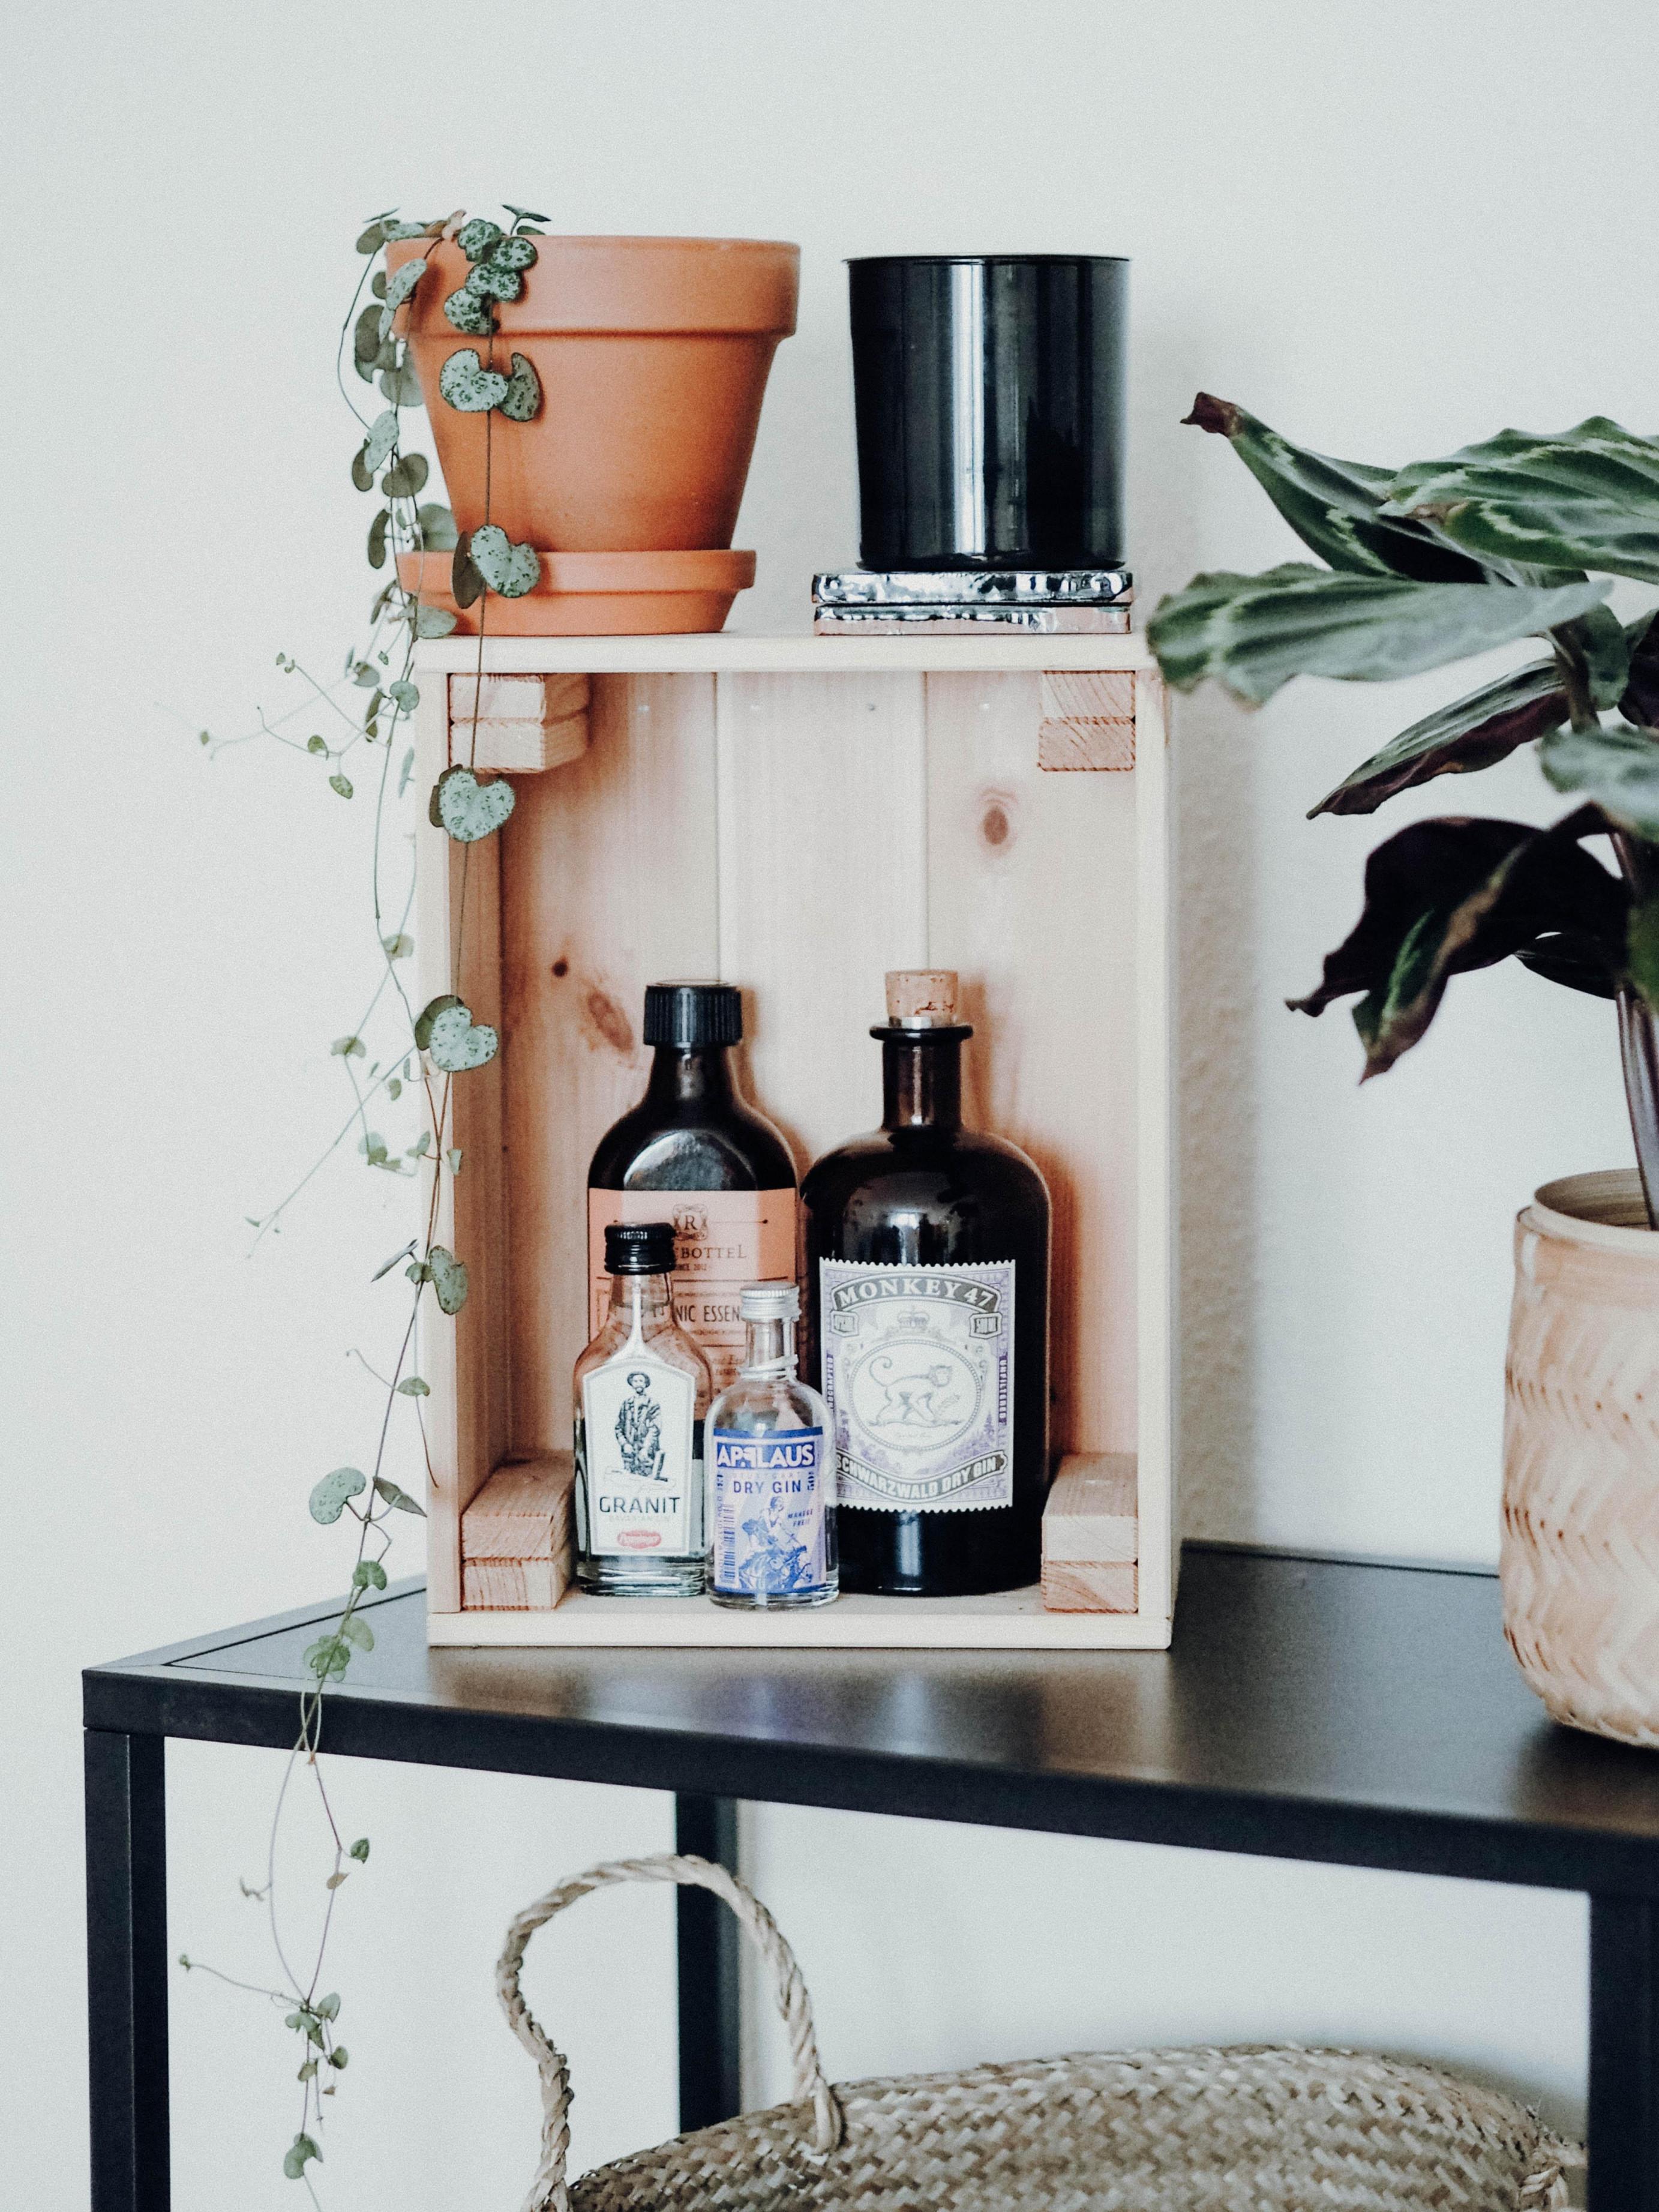 Wohnzimmerdekoideen Mach Es Dir Gemütlich von Ideen Wohnzimmer Deko Photo